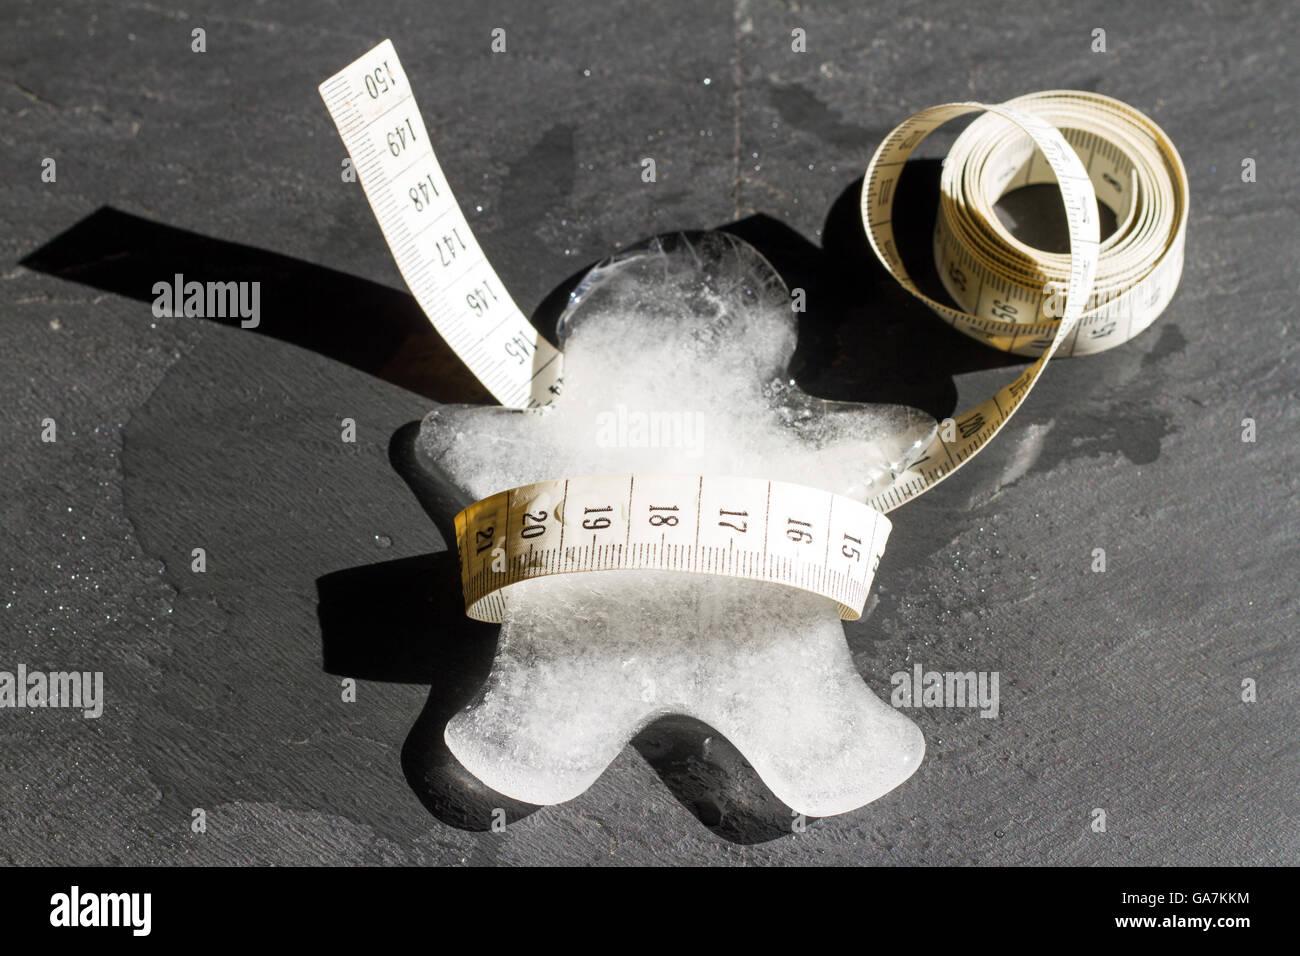 Perso peso e slim concetto astratto con ghiaccio di fusione del corpo e misurare Immagini Stock